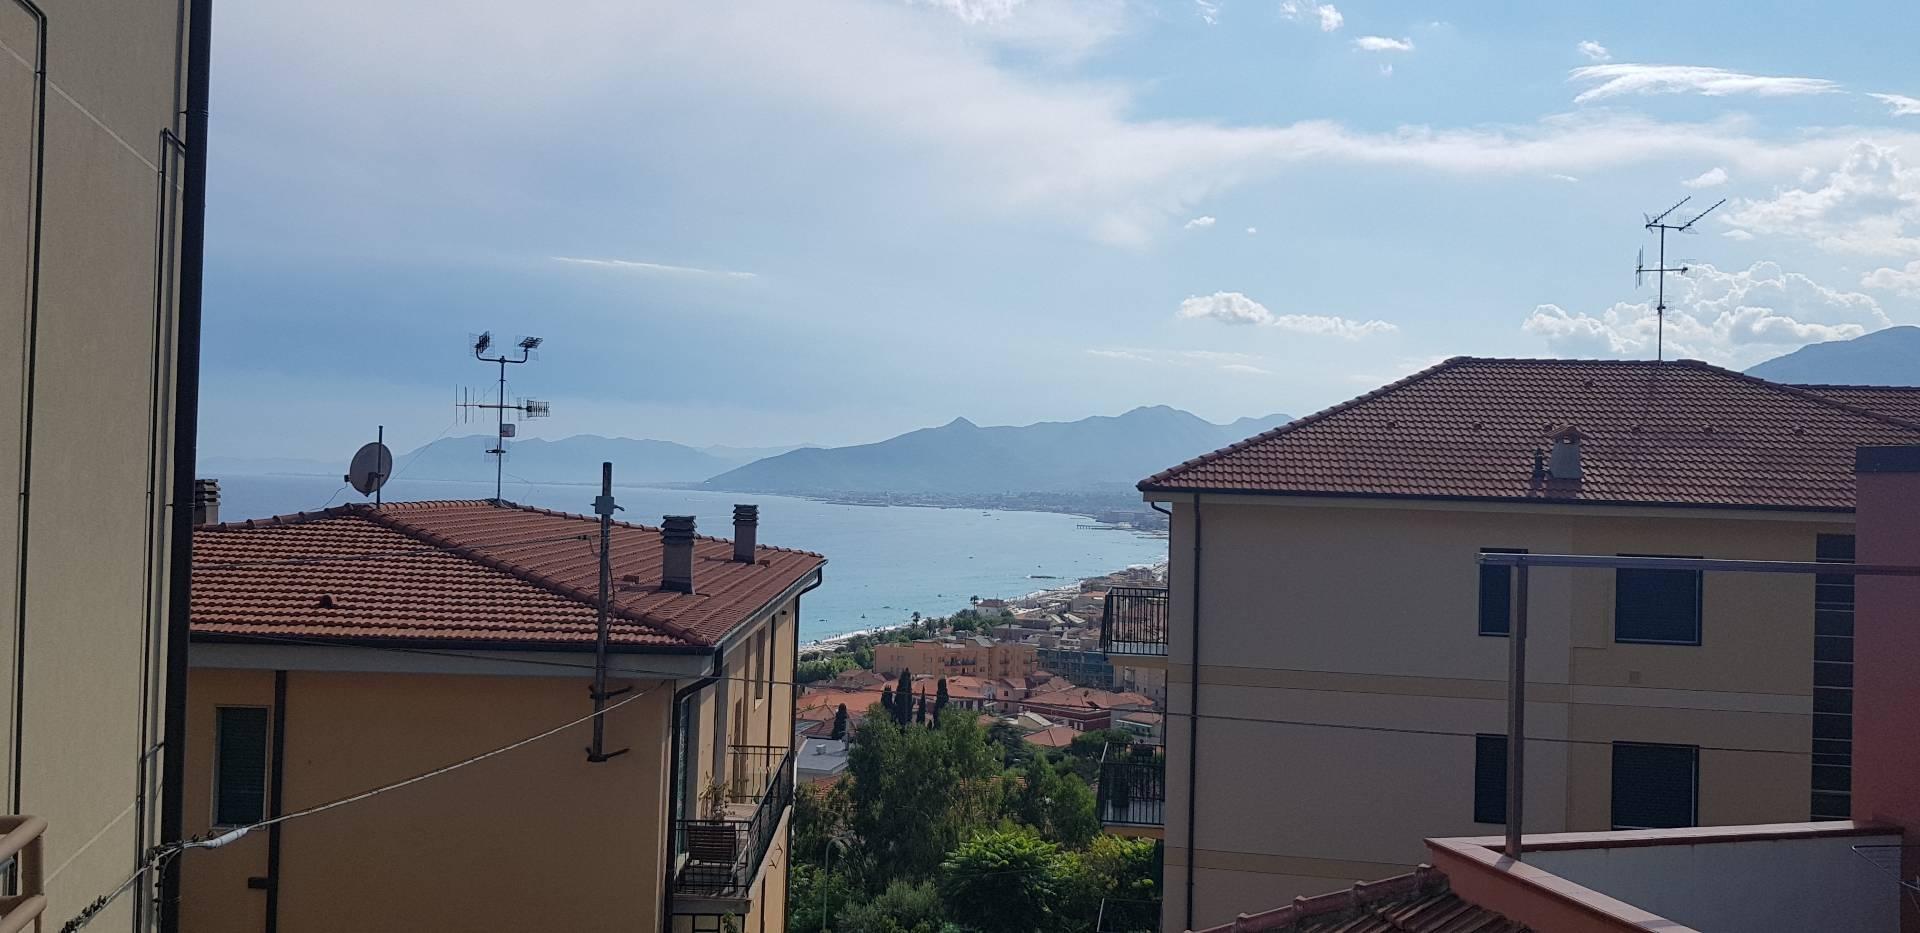 Appartamento in affitto a Borgio Verezzi, 3 locali, zona Zona: Borgio, prezzo € 600 | CambioCasa.it